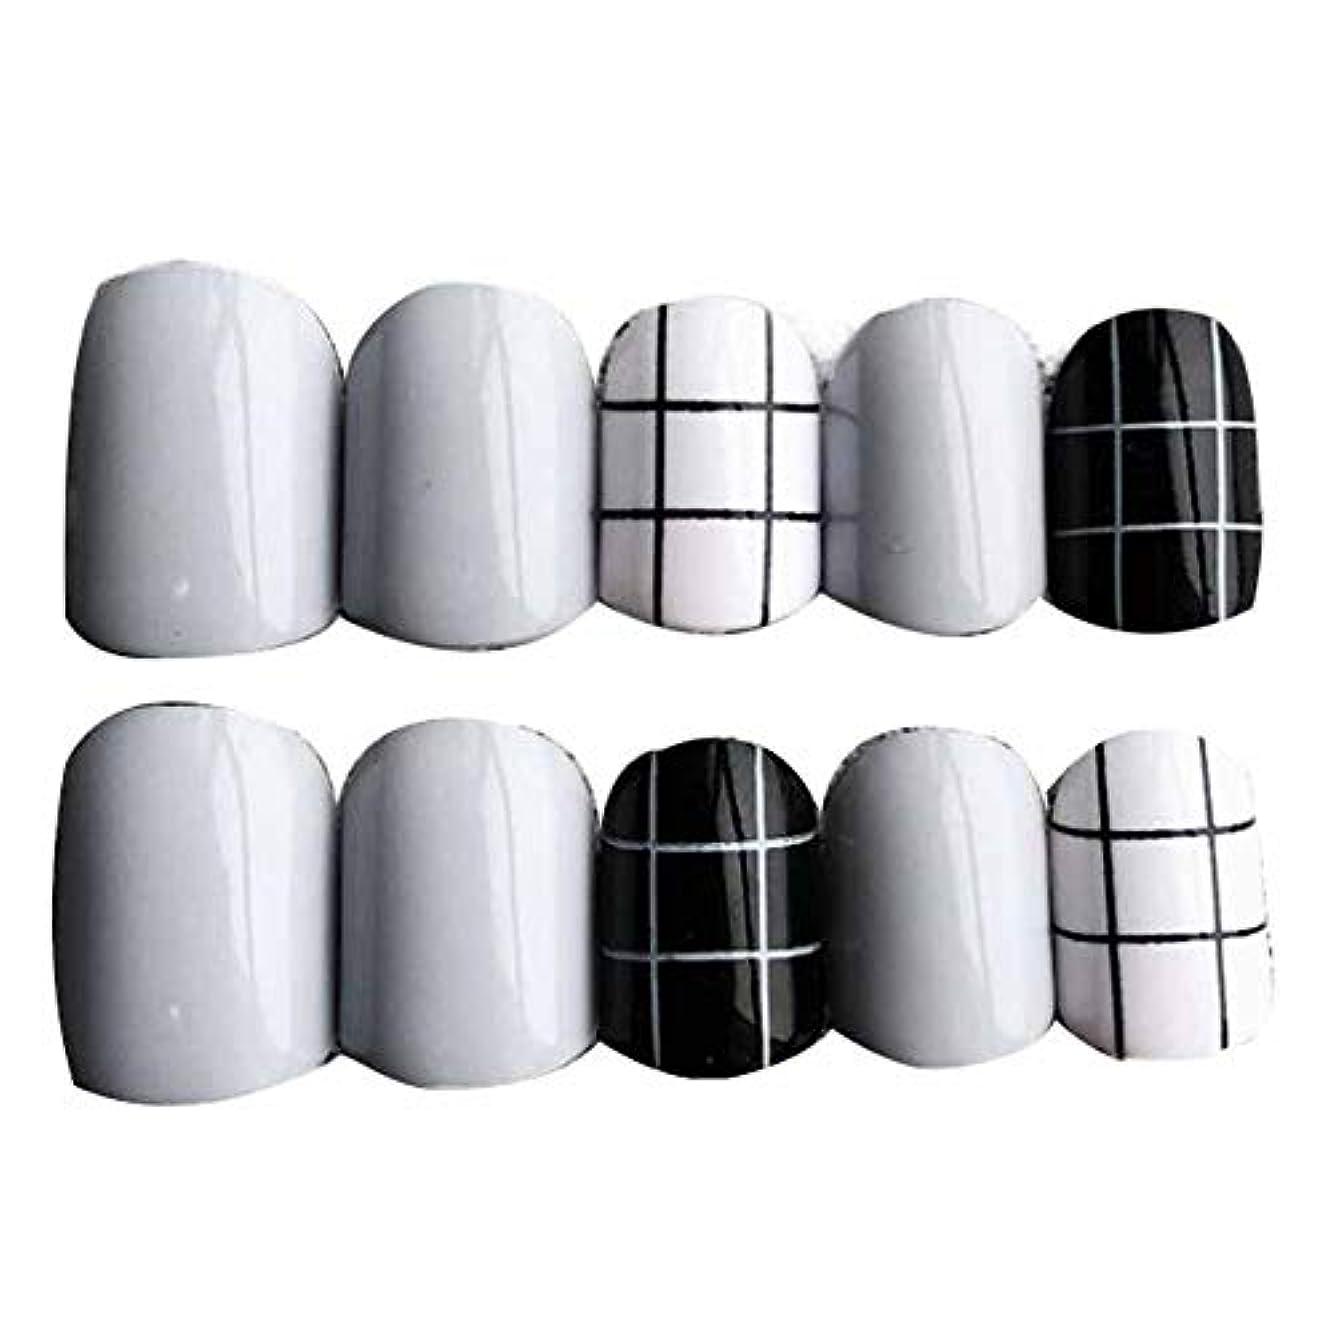 ミル村ホステスグレー/ブラック 丸い偽爪人工偽爪のヒント 装飾